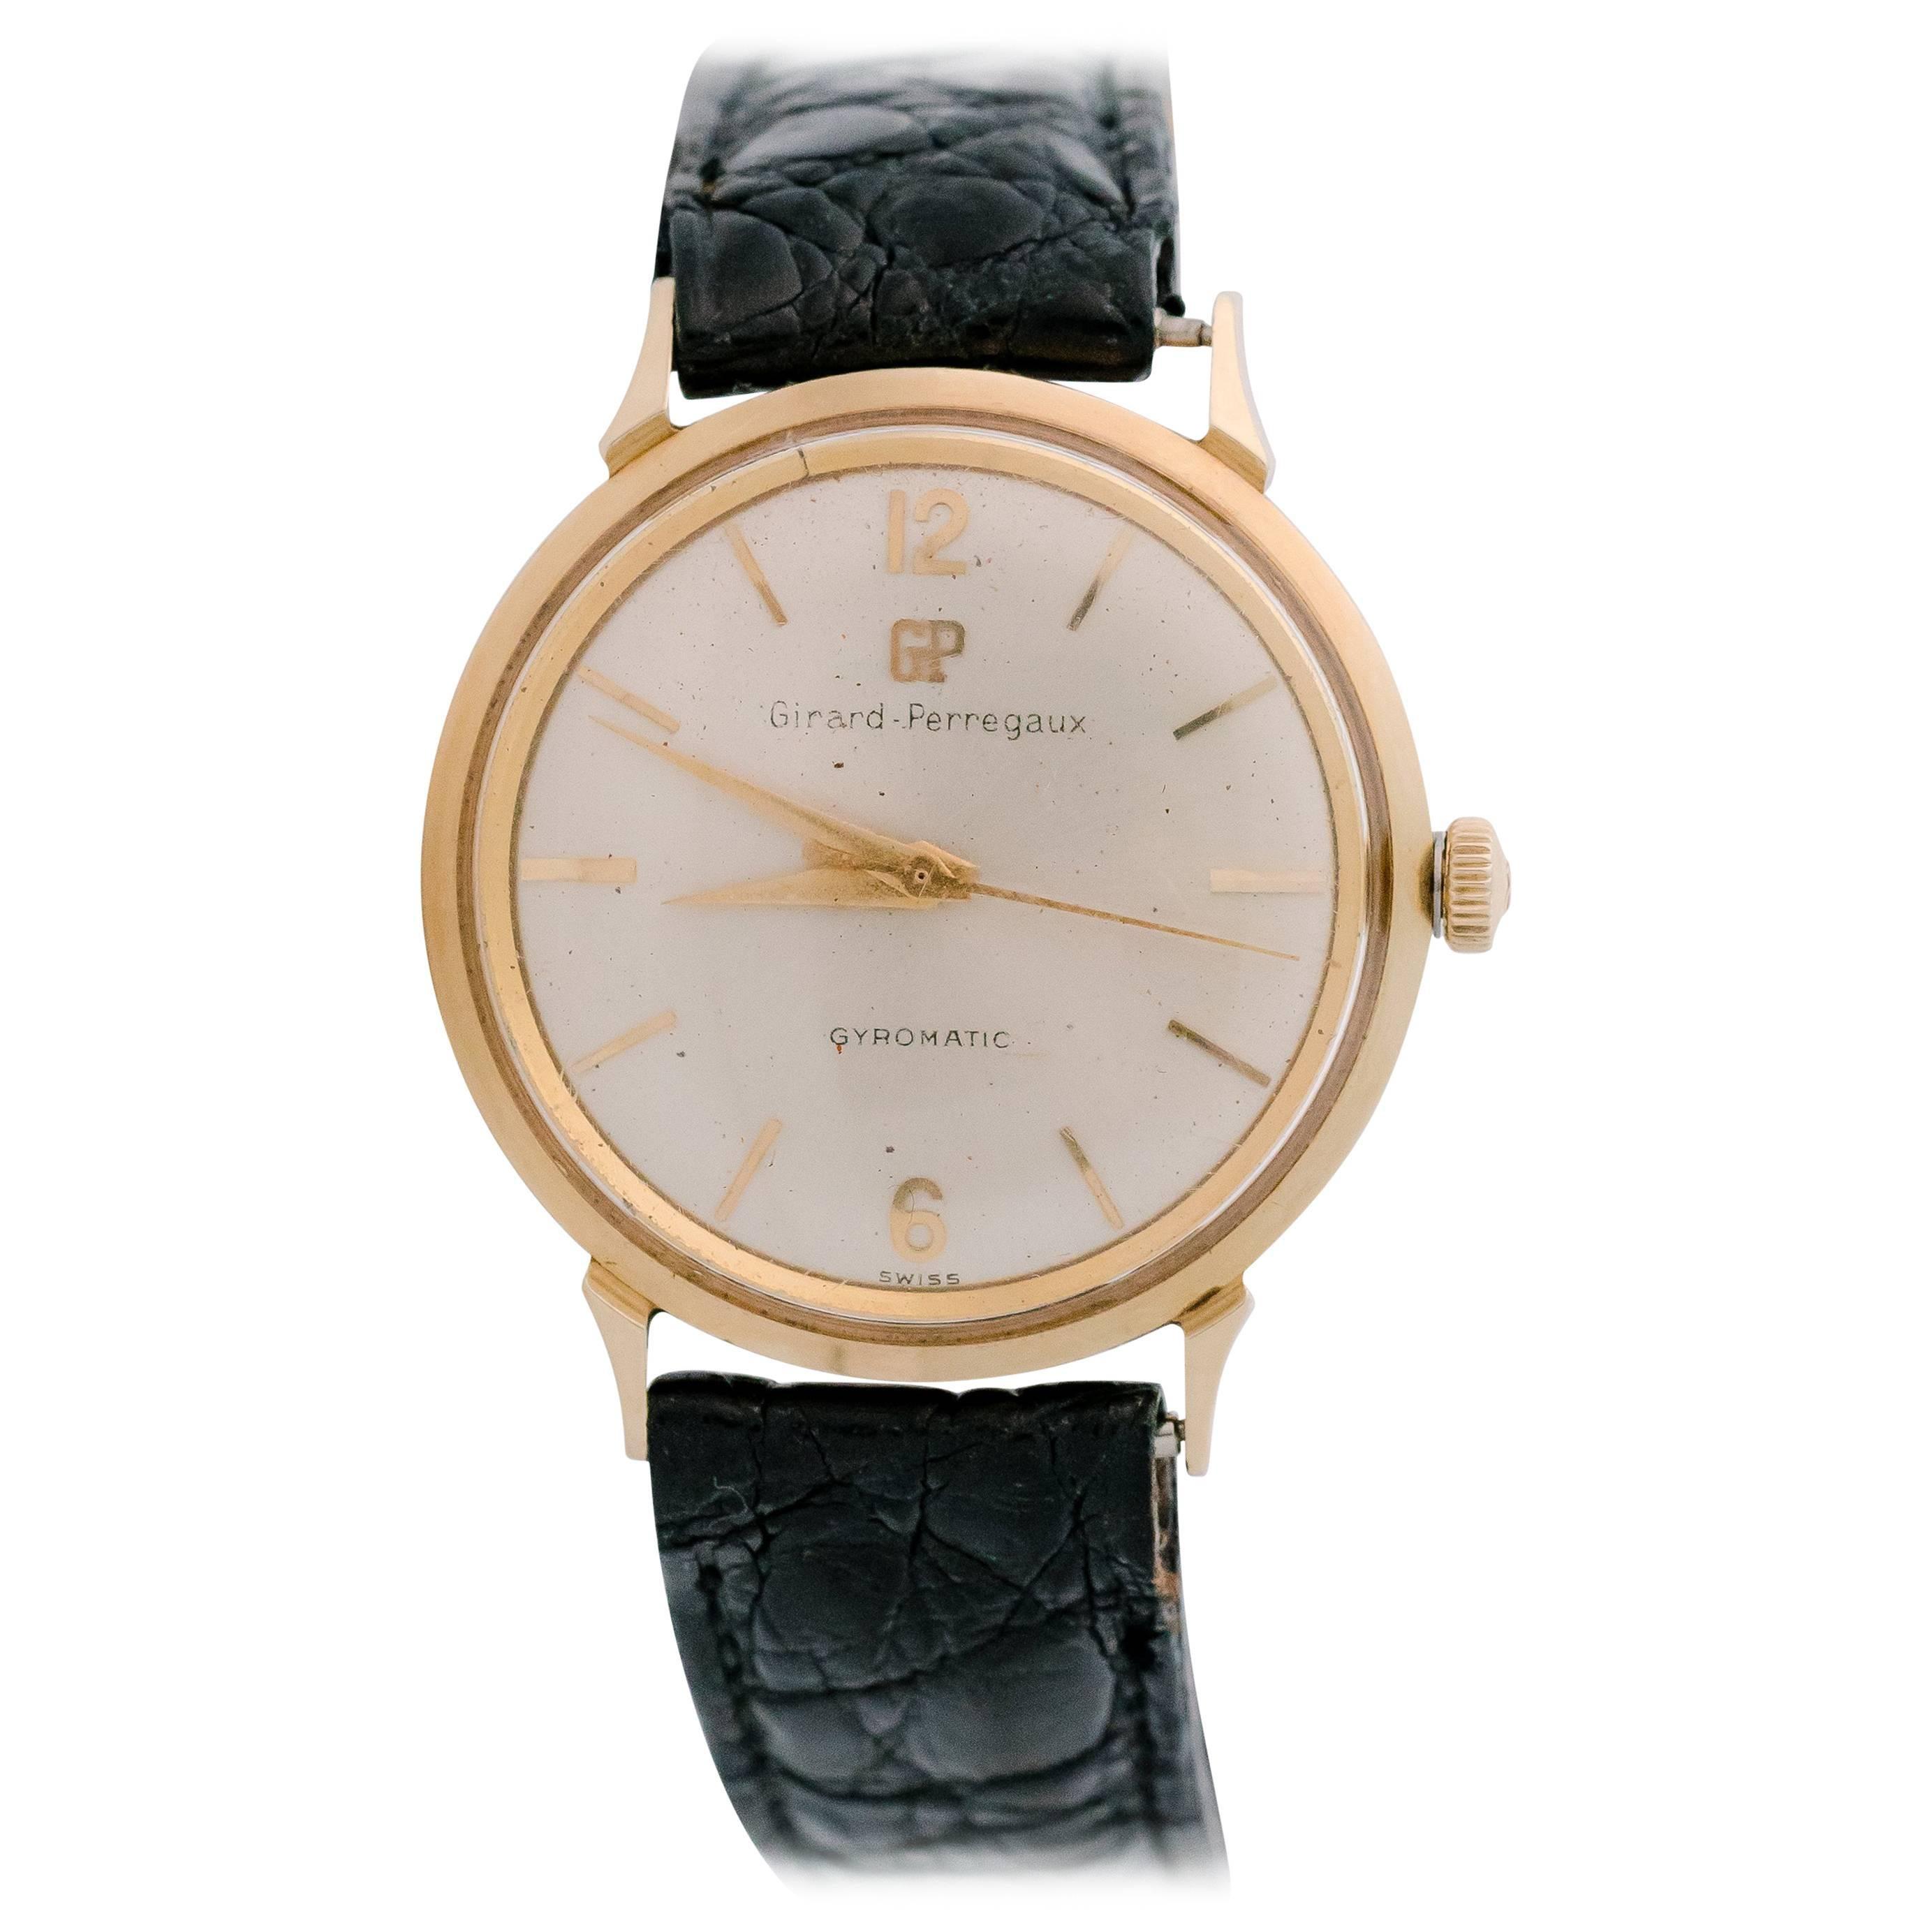 1950s Girard Perregaux Gyromatic 14K Gold Wristwatch